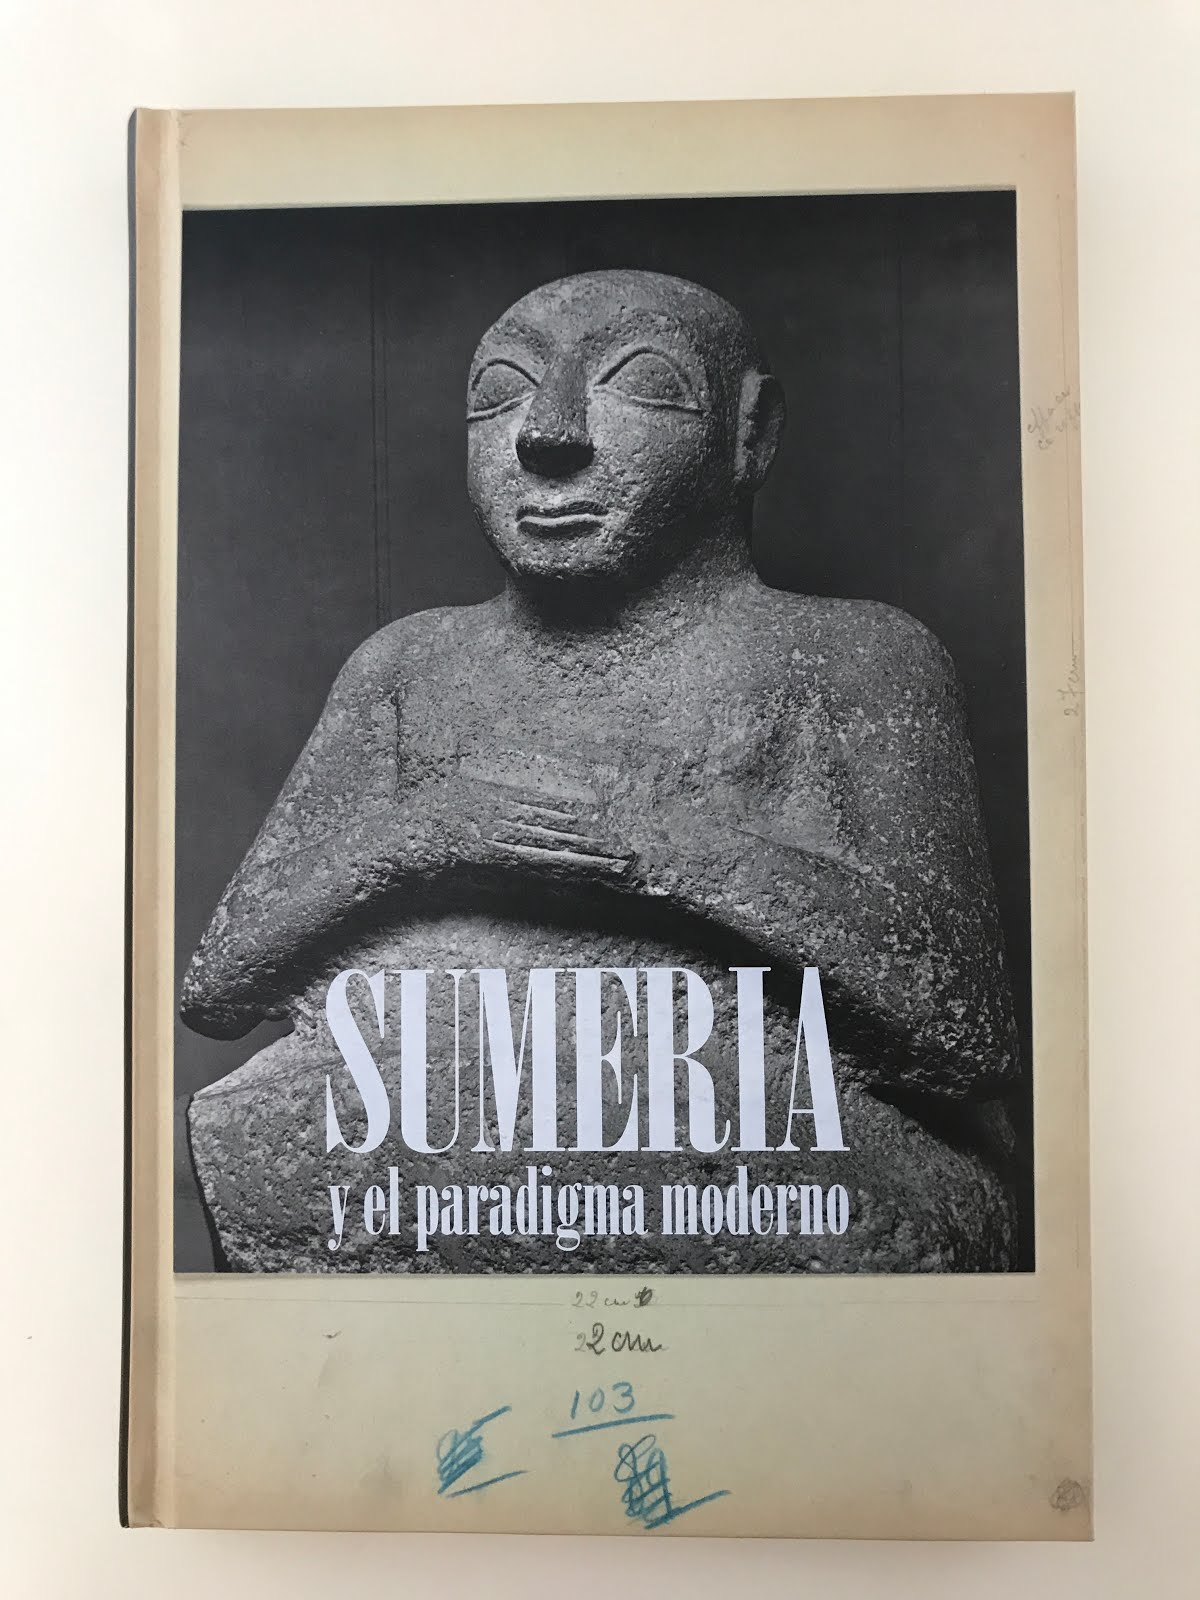 Pedro Azara (ed): Sumeria y el paradigma moderno